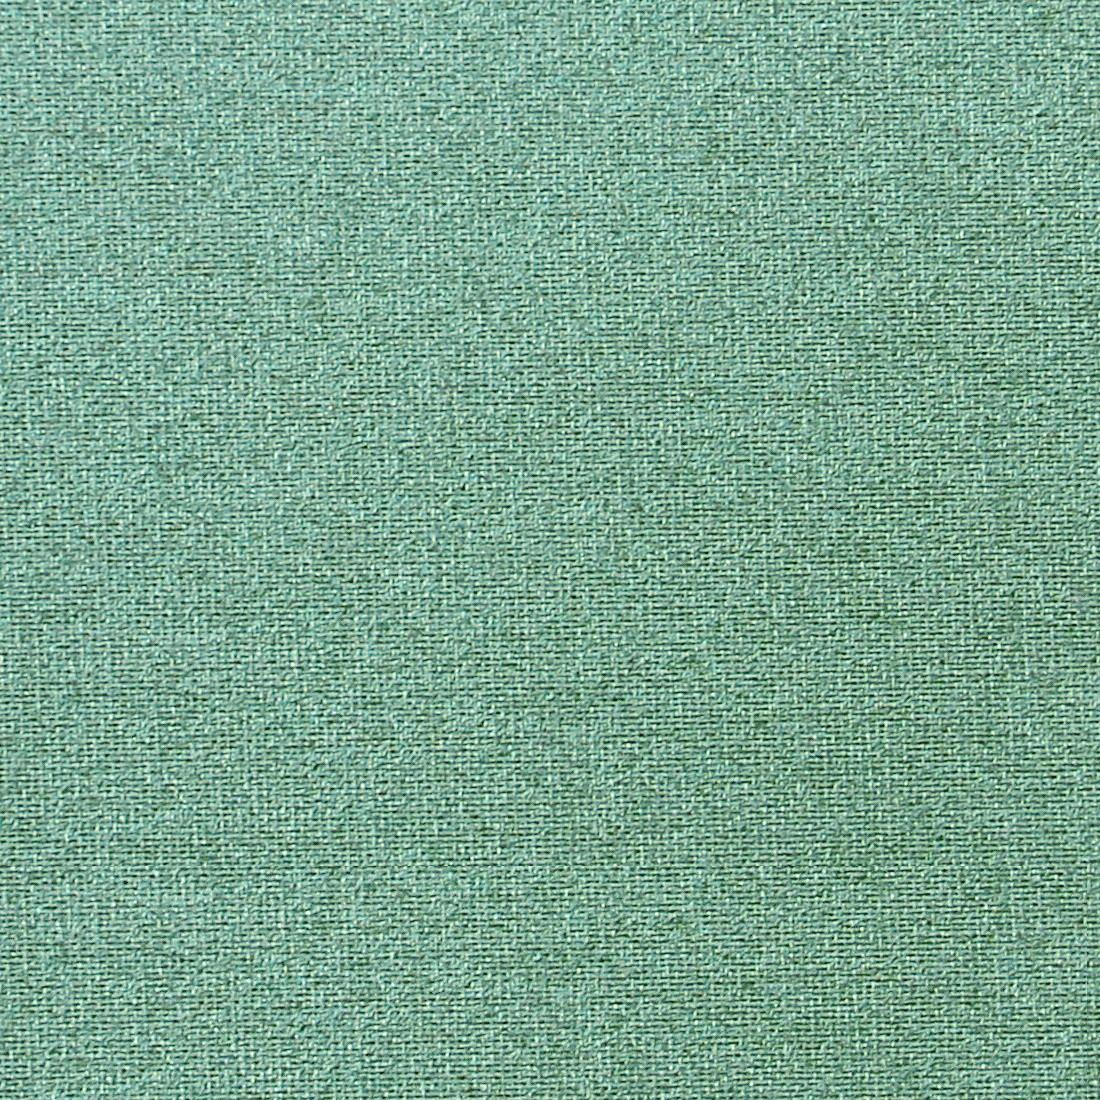 Рулонные шторы Одесса Ткань Люминис Бирюза А-921